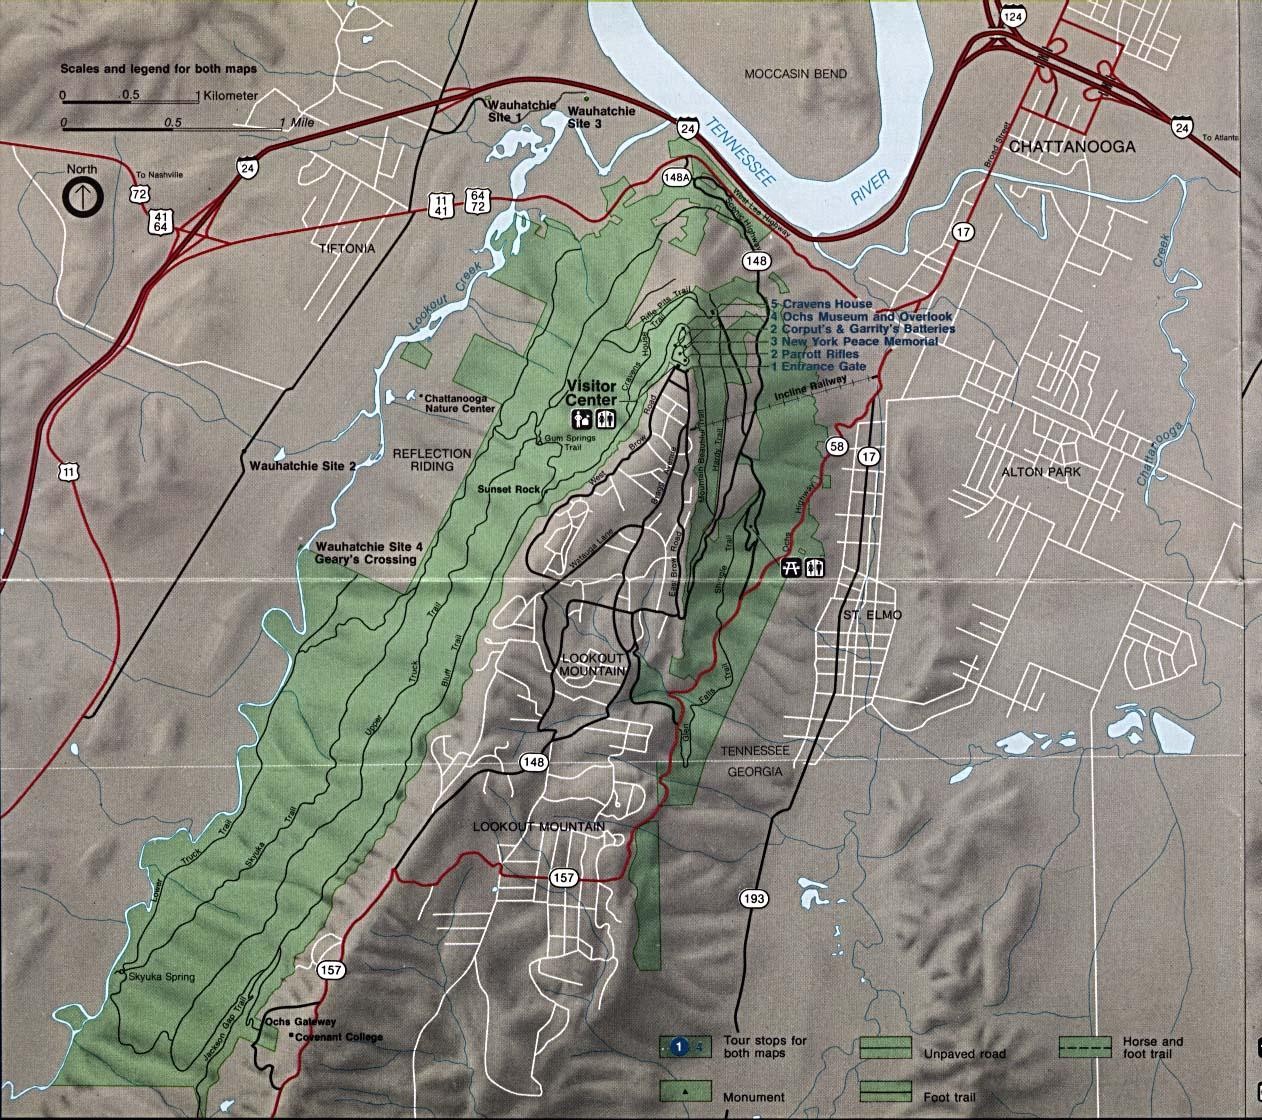 Mapa Detallado del Parque Militar Nacional de Chickamauga y Chattanooga, Georgia y Tennessee